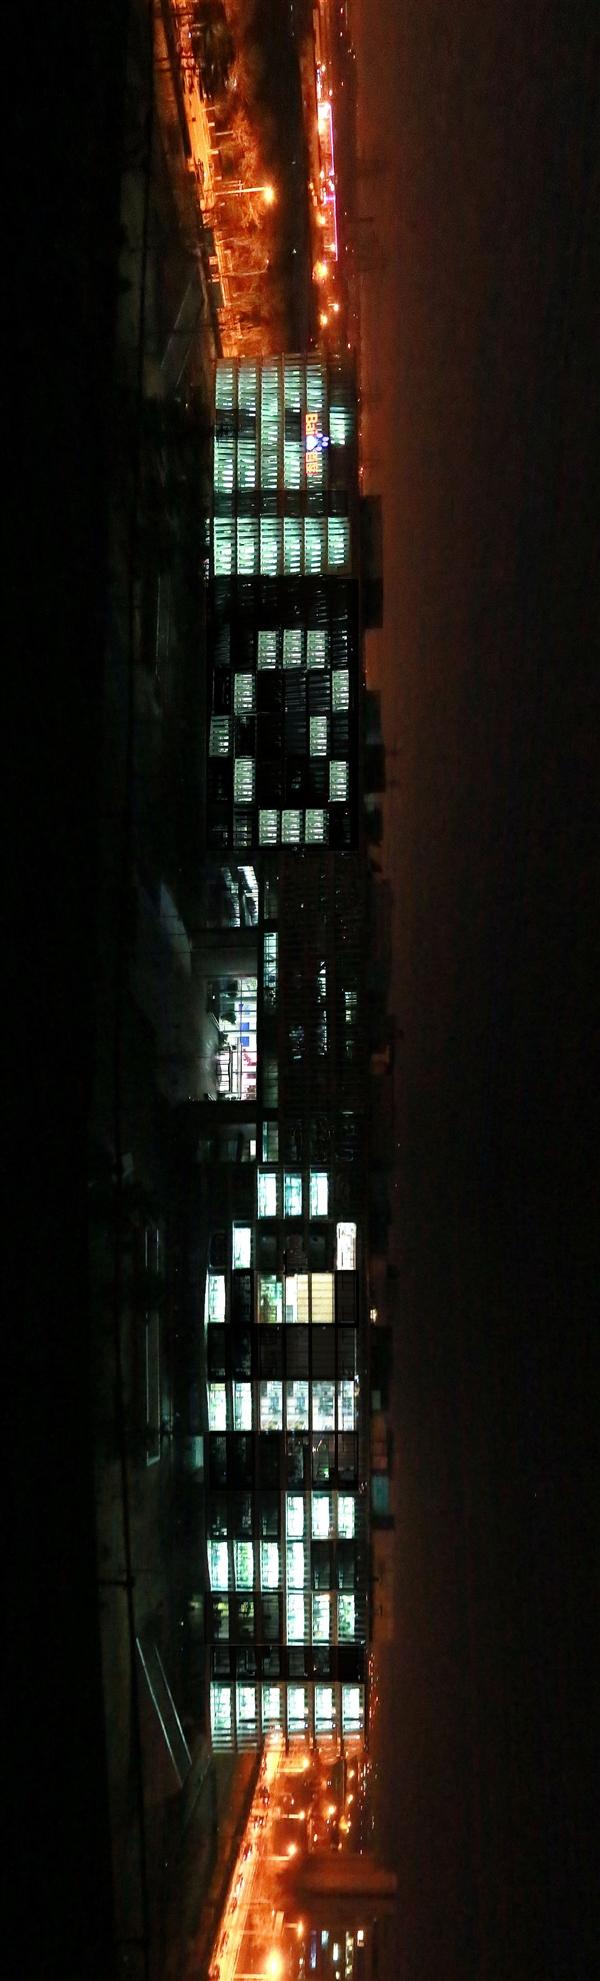 爱奇艺纳斯达克上市:百度大厦爆灯庆祝